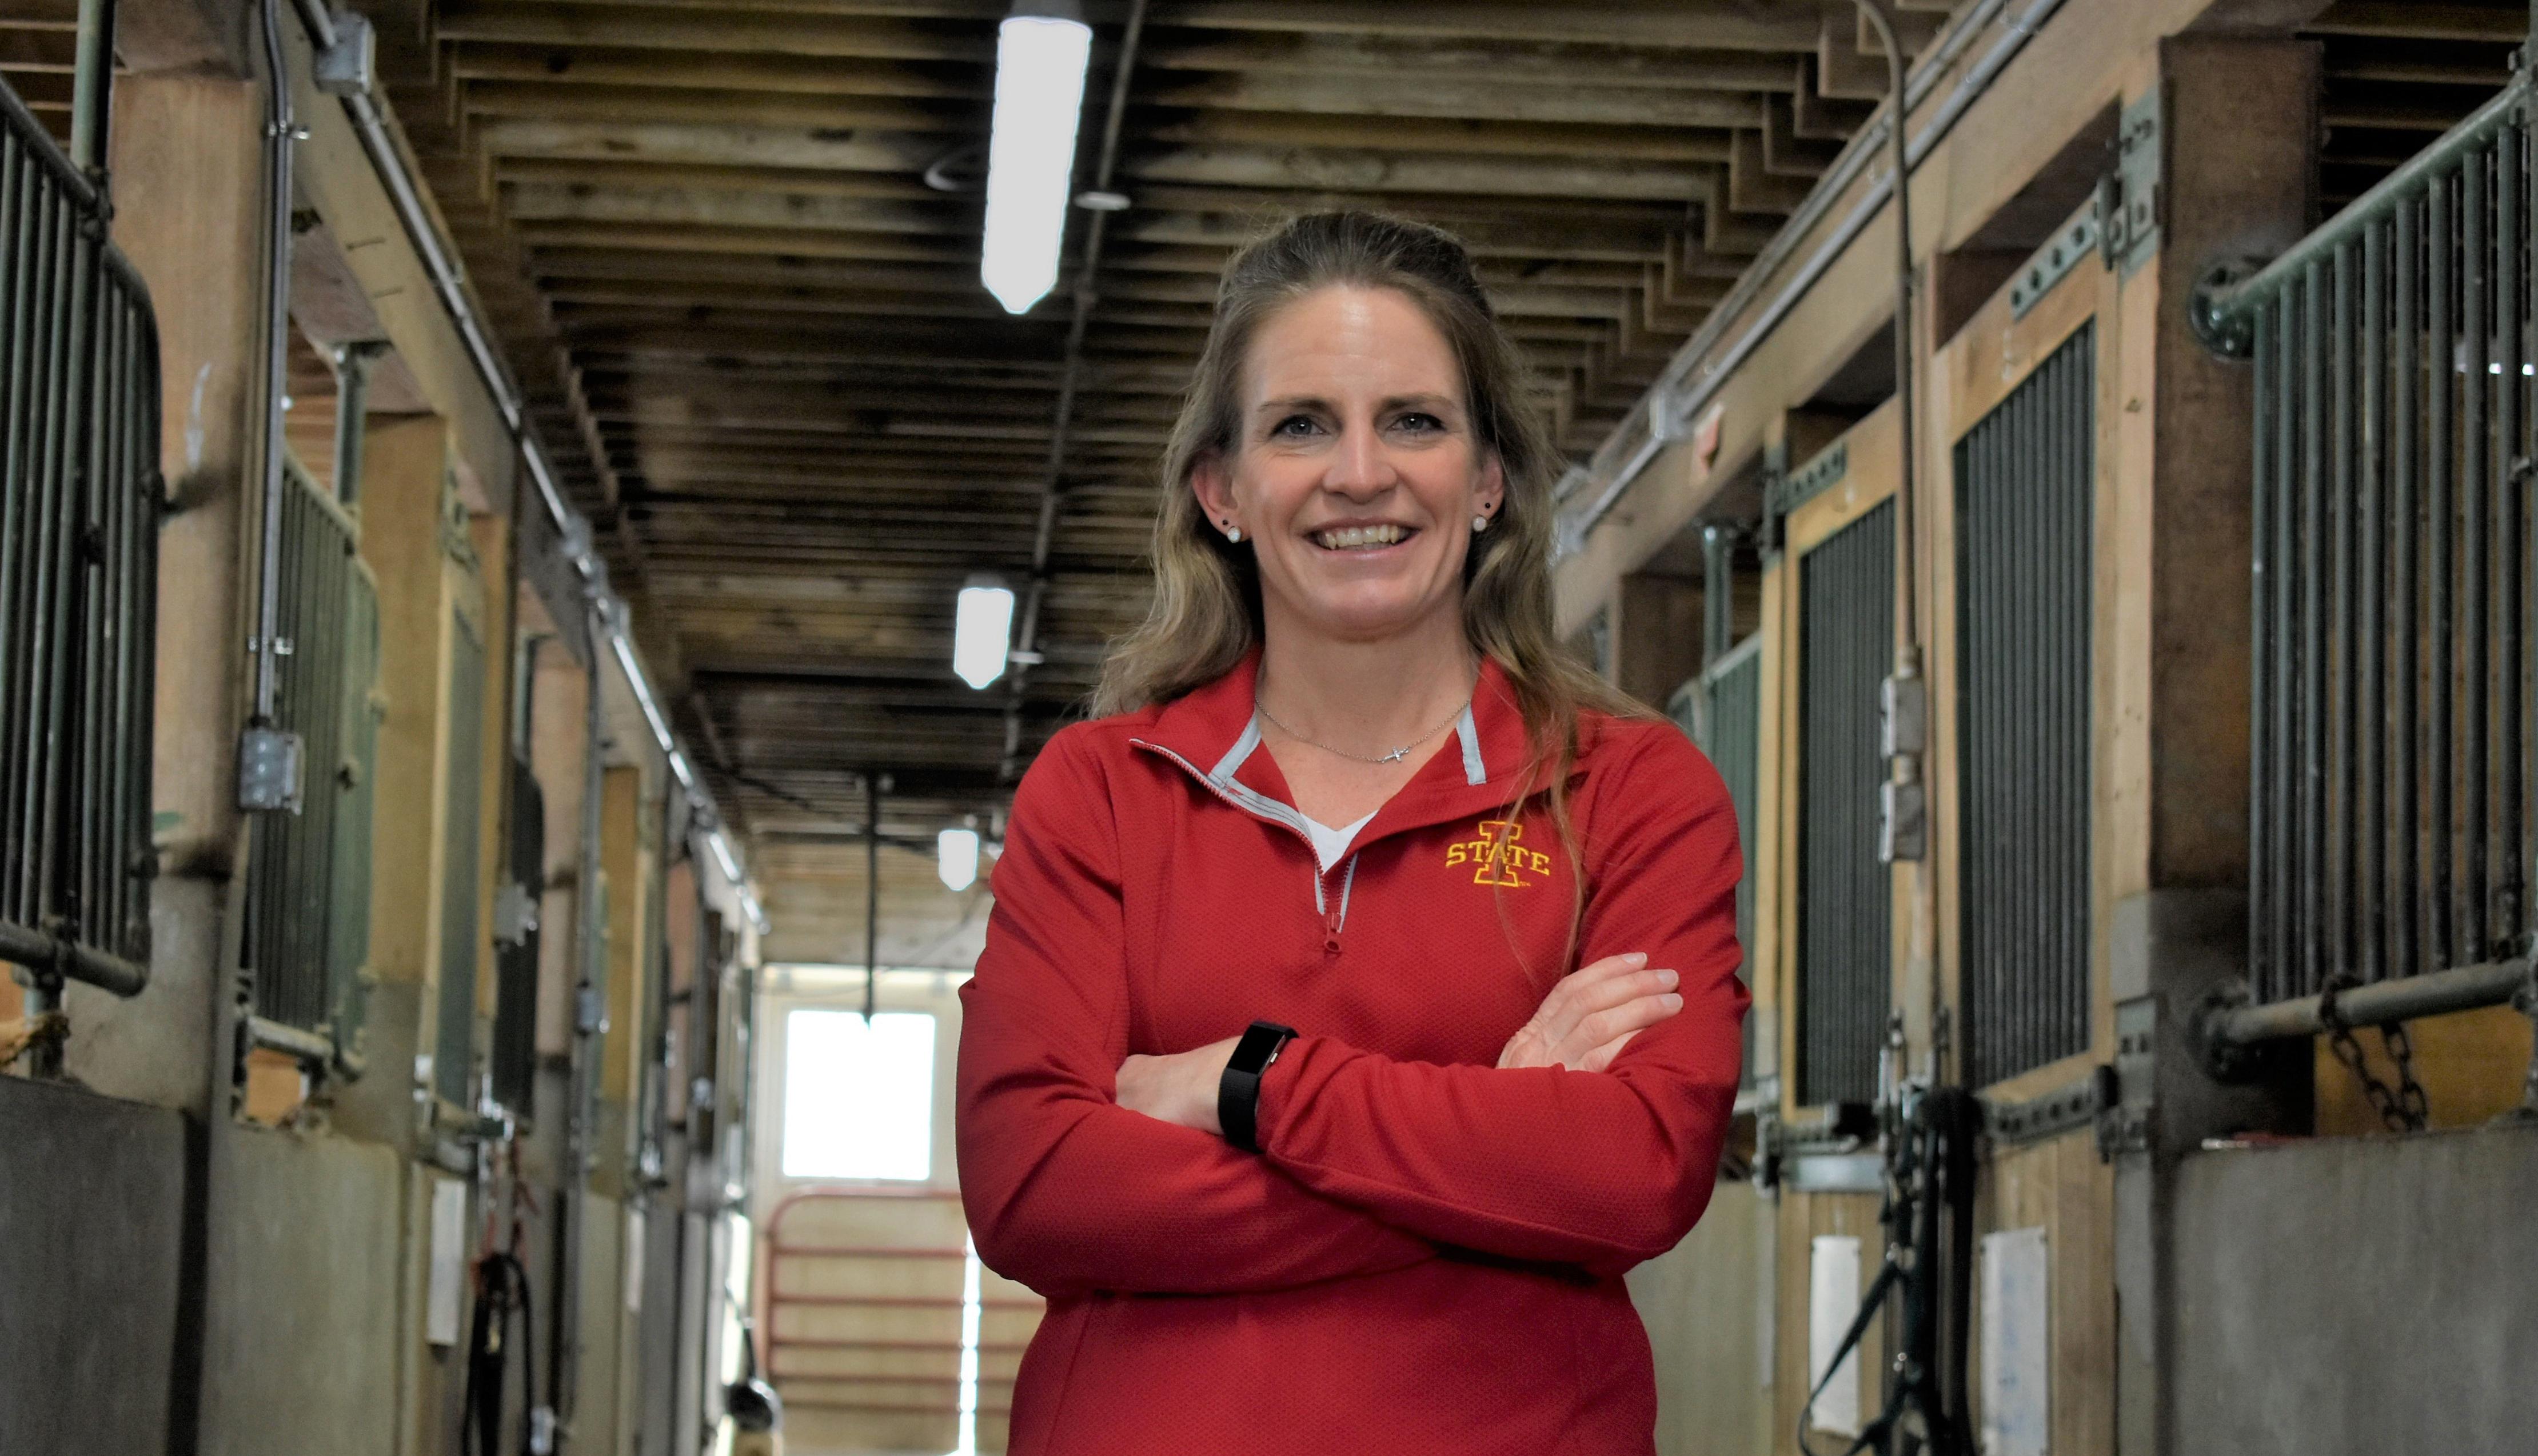 Equine Farm Manager Nikki Ferwerda